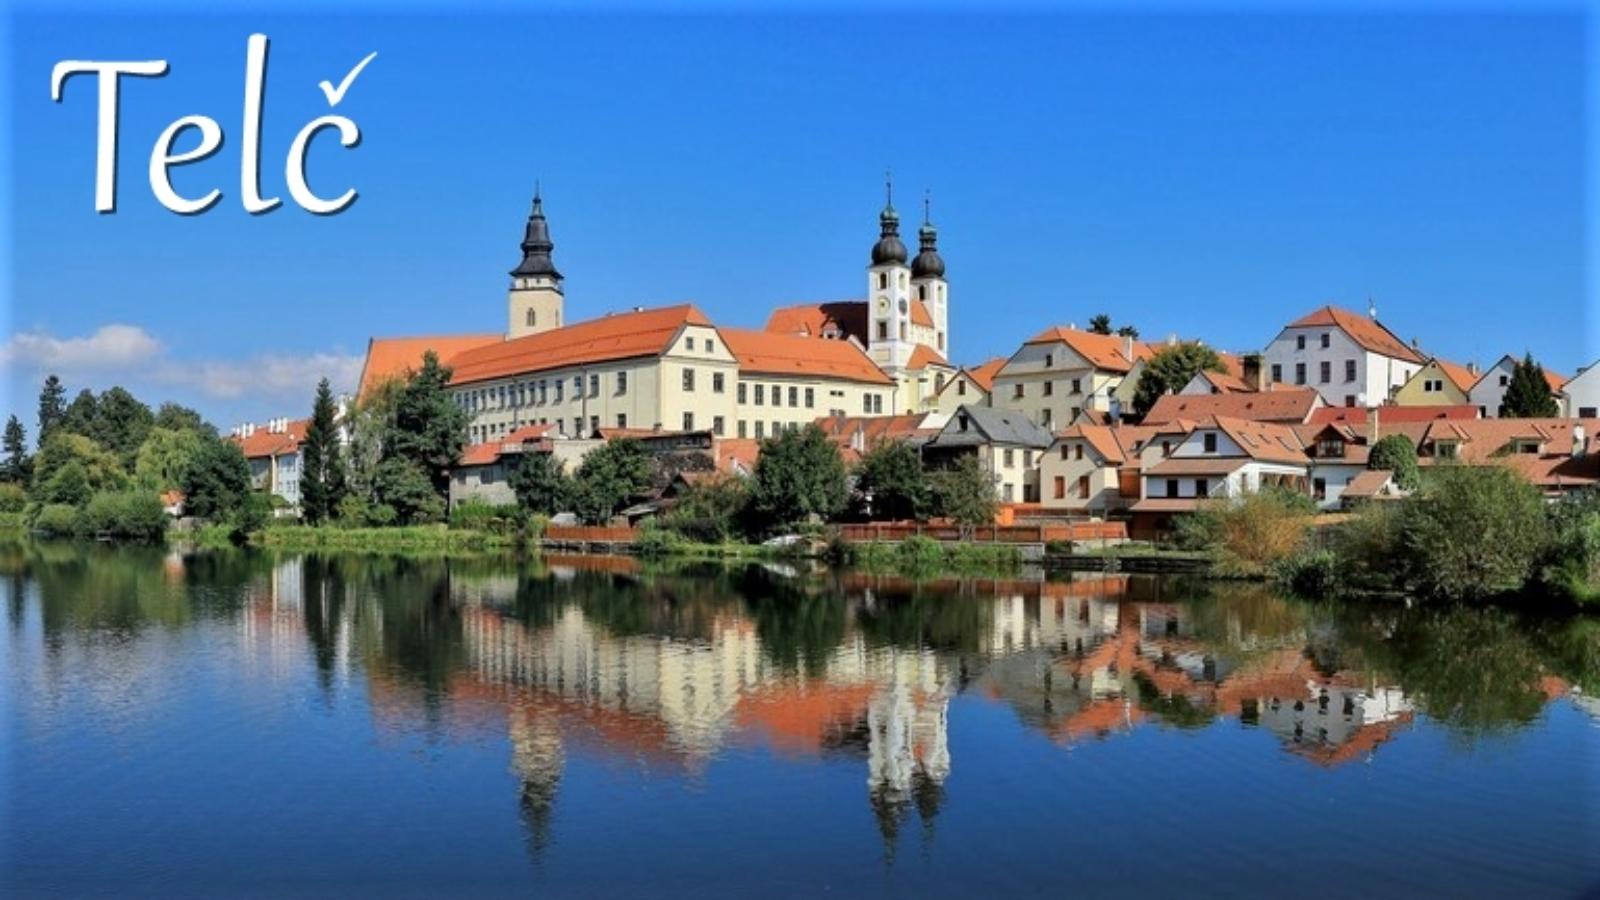 Telč, la gemma rinascimentale della Moravia